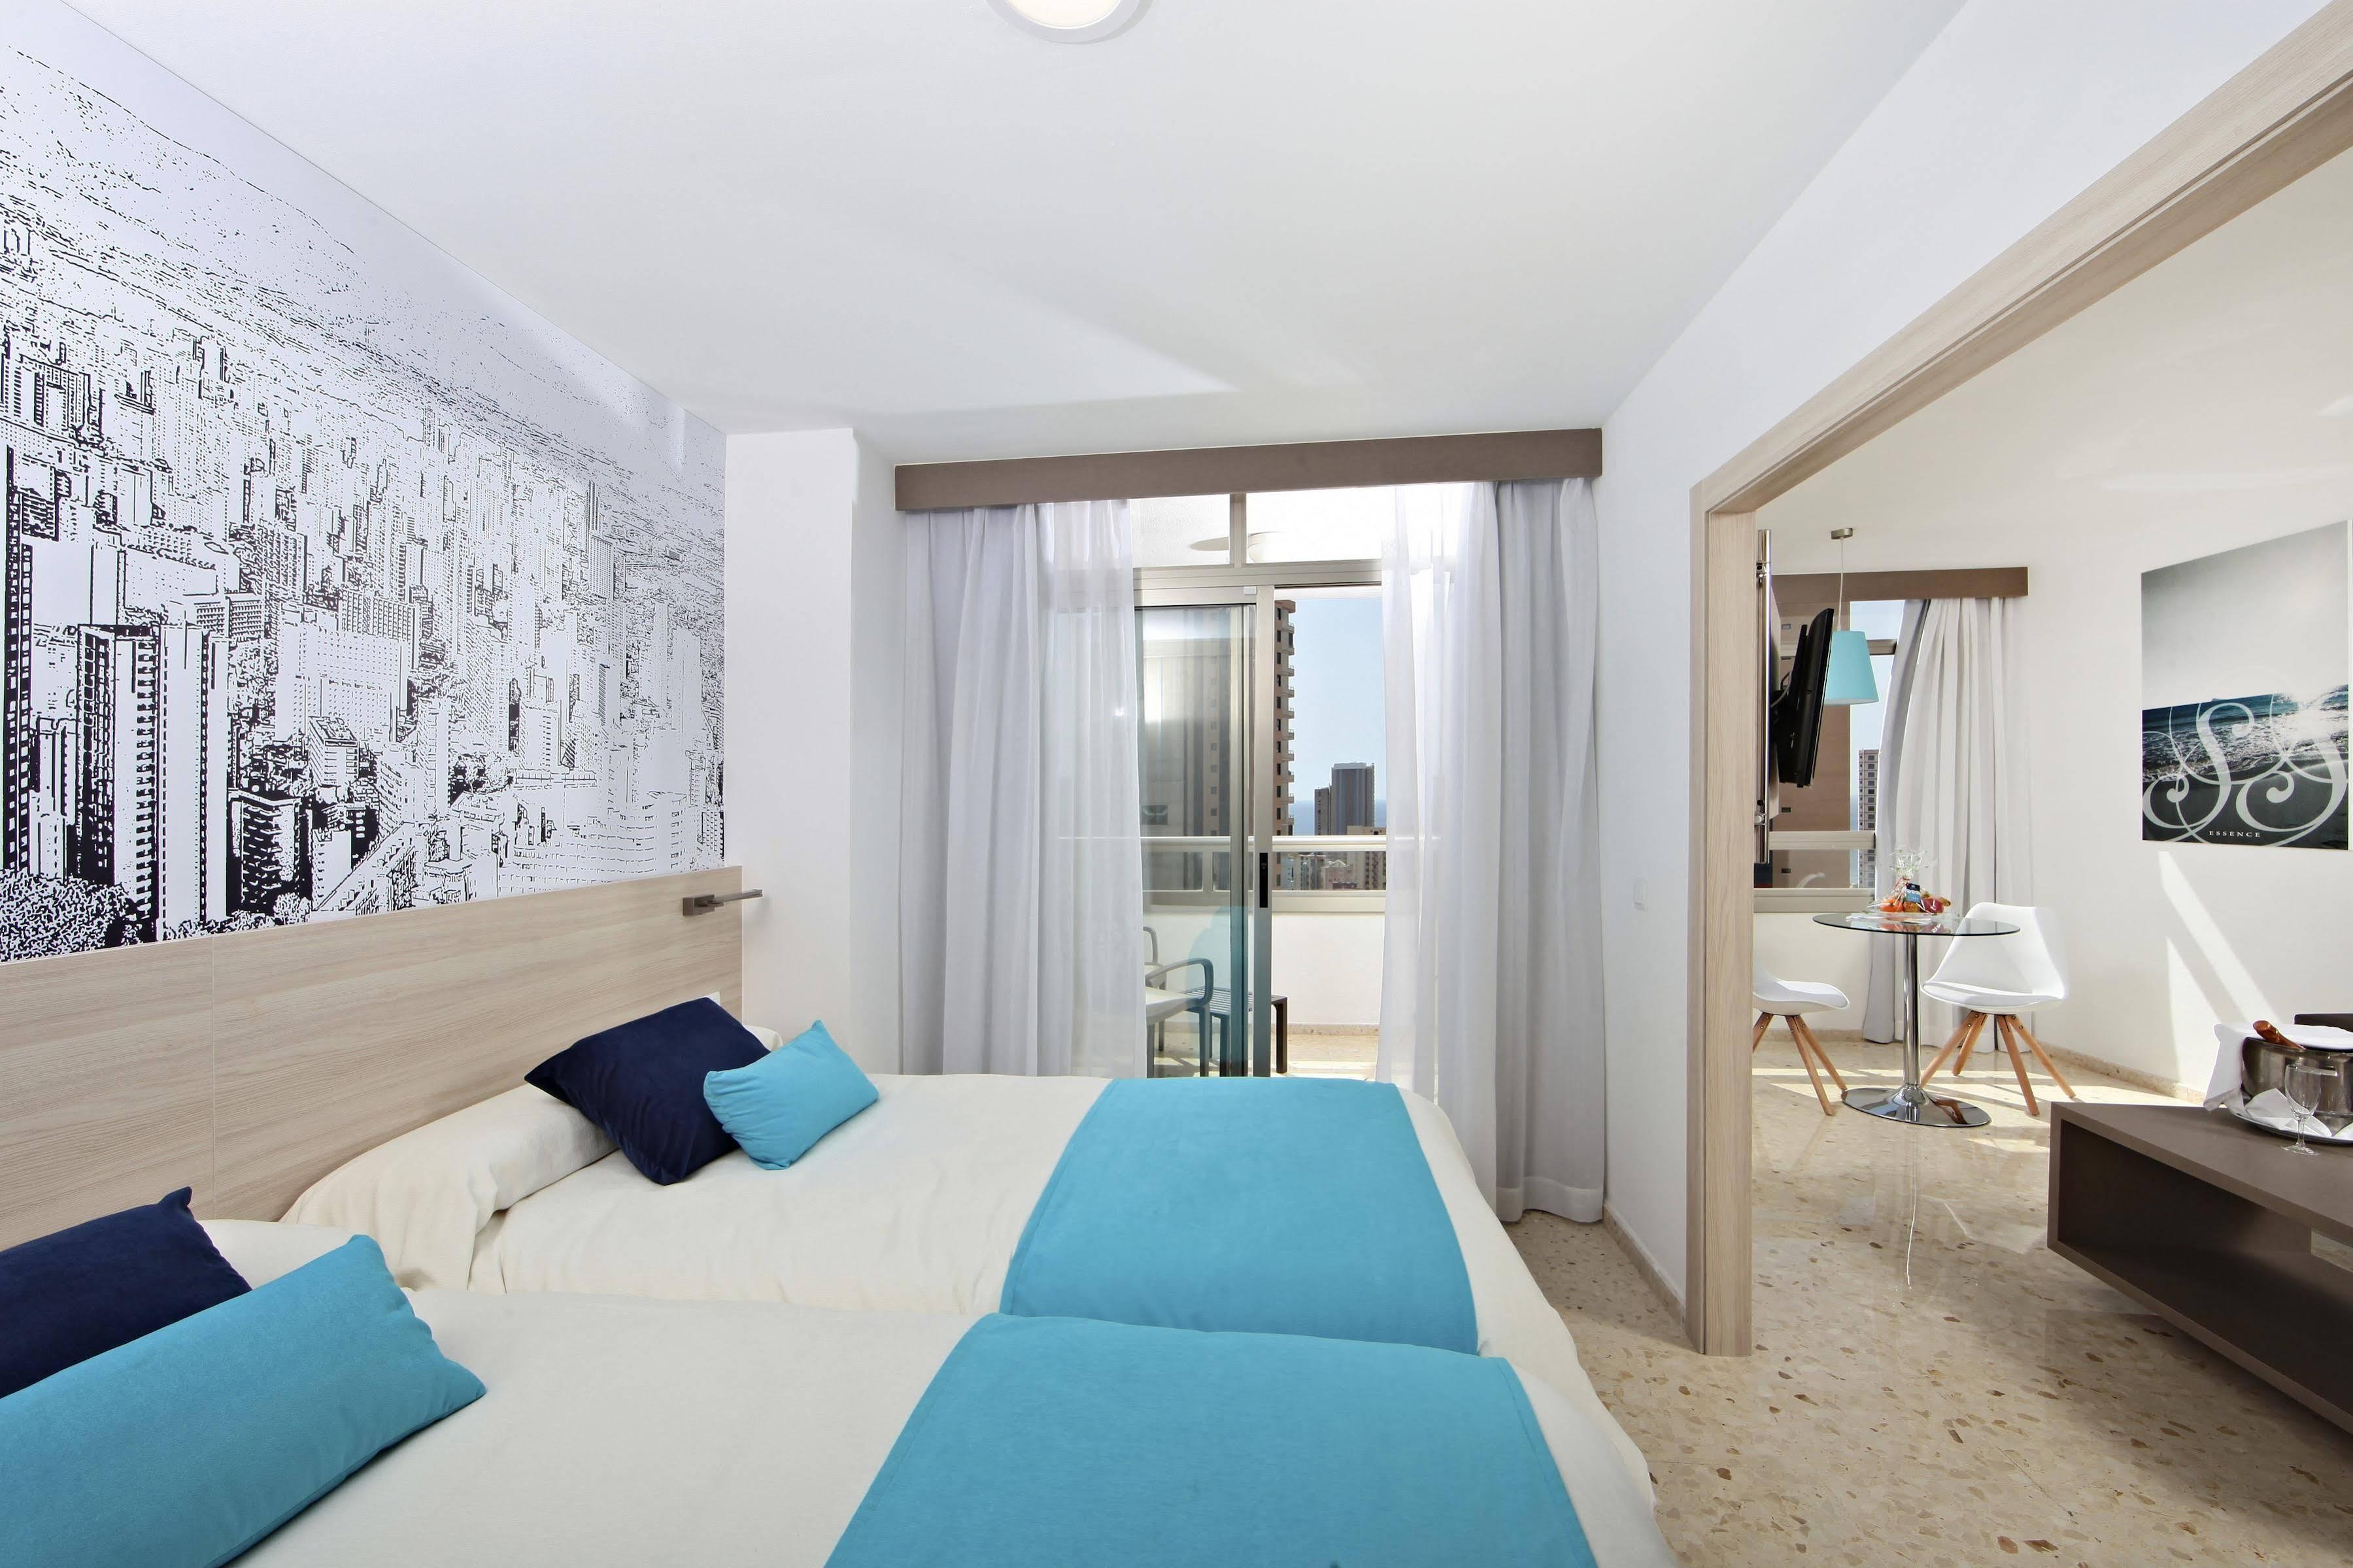 Hotel Flamingo Beach Resort, Benidorm - SolBooking Hoteles de playa ...